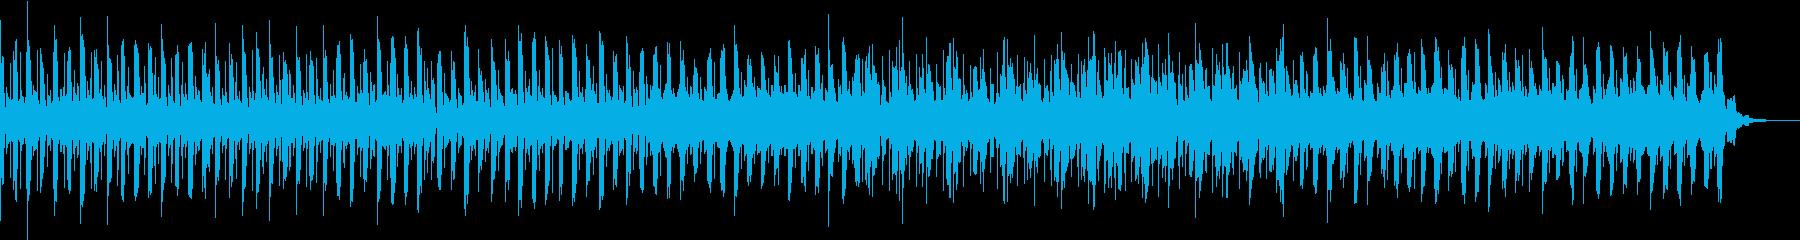 勉強 暗記 学習 まったり  シンセの再生済みの波形